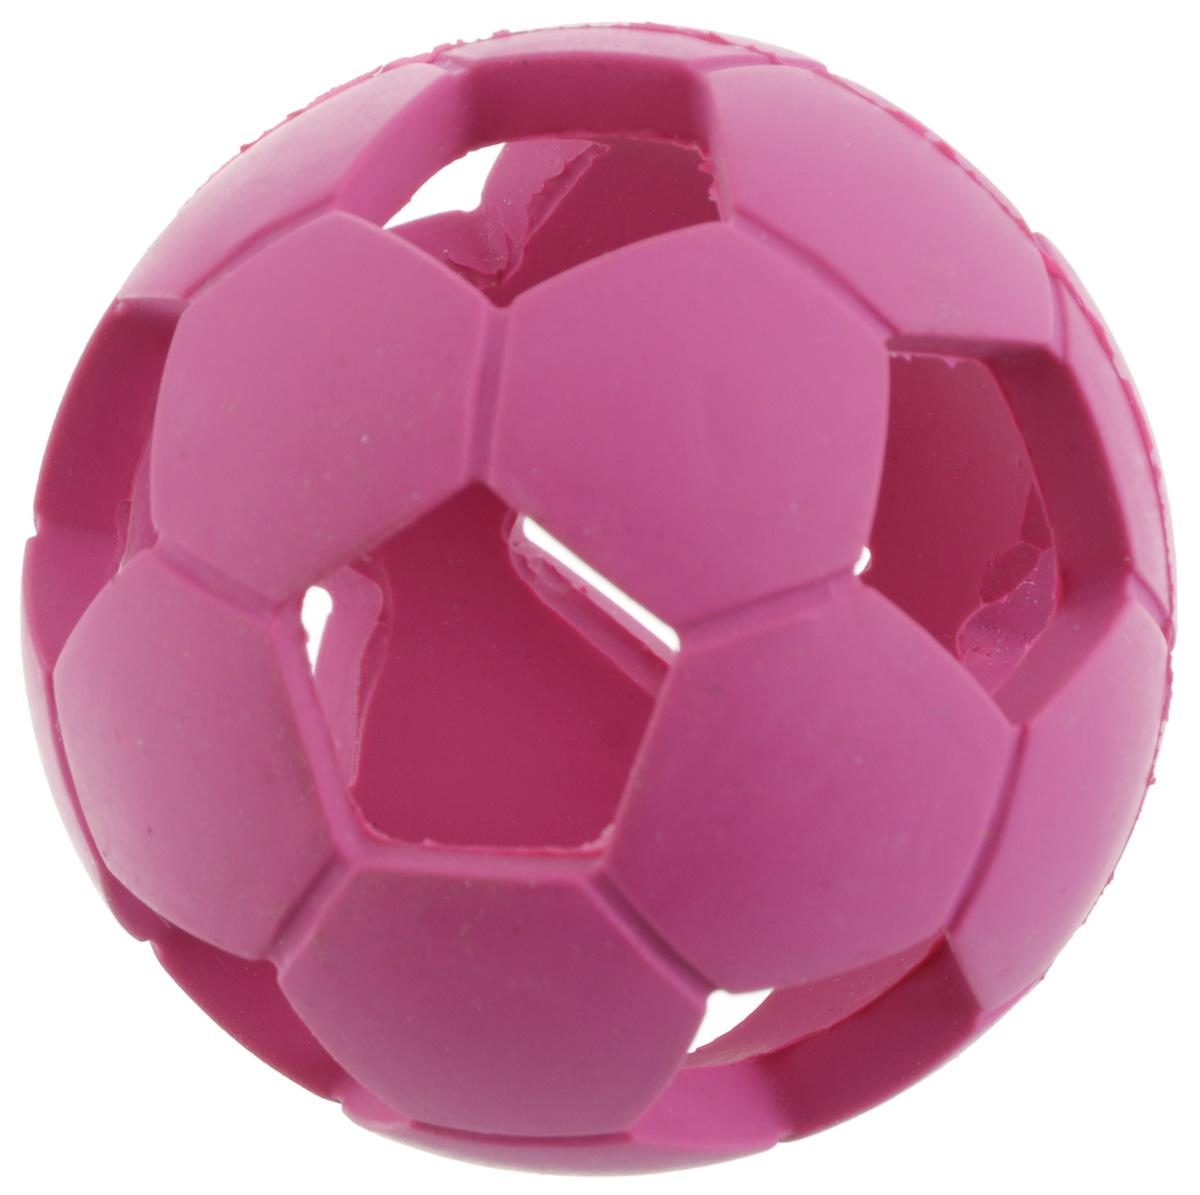 Игрушка для собак V.I.Pet Мяч футбольный, диаметр 5,5 см13122Игрушка для собак V.I.Pet Мяч футбольный изготовлена из натурального каучука - абсолютно нетоксичного и безопасного. С этой игрушкой с удовольствием будут играть и щенки, и взрослые собаки. Мягкая и пружинистая игрушка может быть использована для игр как в помещении, так и на улице. Положите внутрь игрушки небольшой кусочек лакомства и ваш питомец будет с интересом и азартом играть до тех пор, пока не достанет заслуженную награду. Диаметр игрушки: 5,5 см.